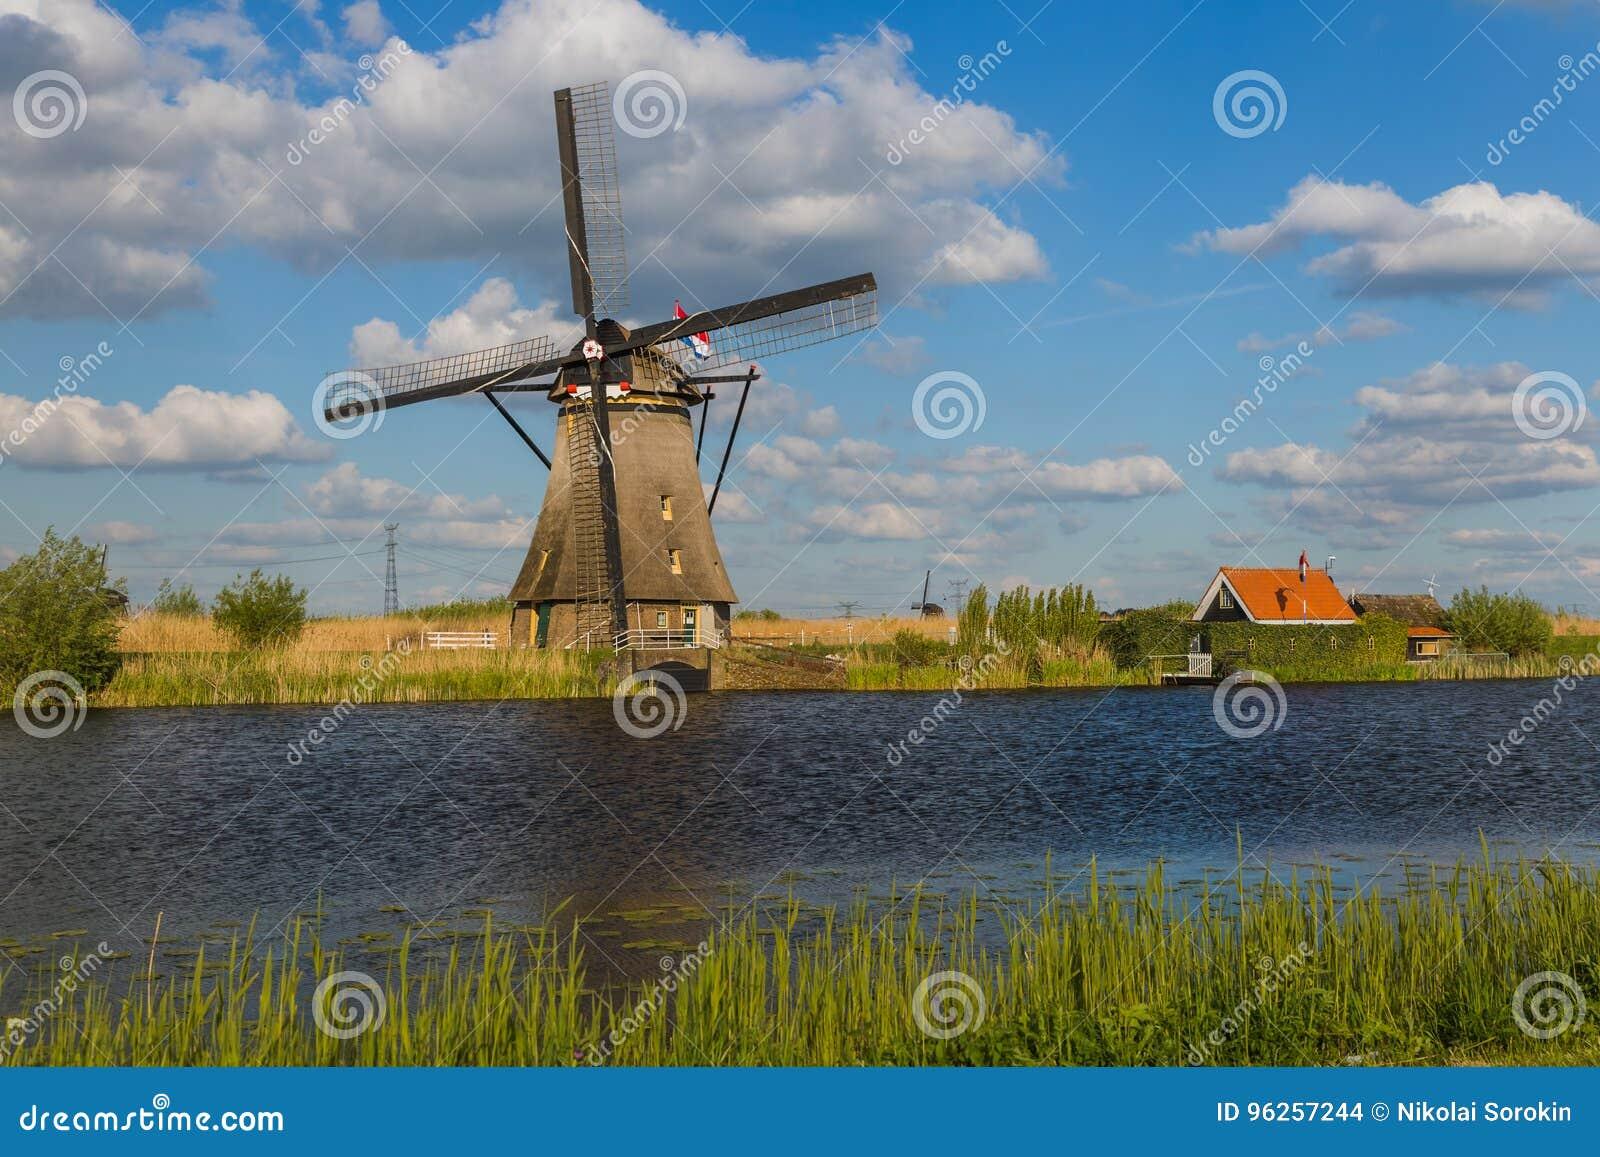 Moinhos de vento em Kinderdijk - Países Baixos